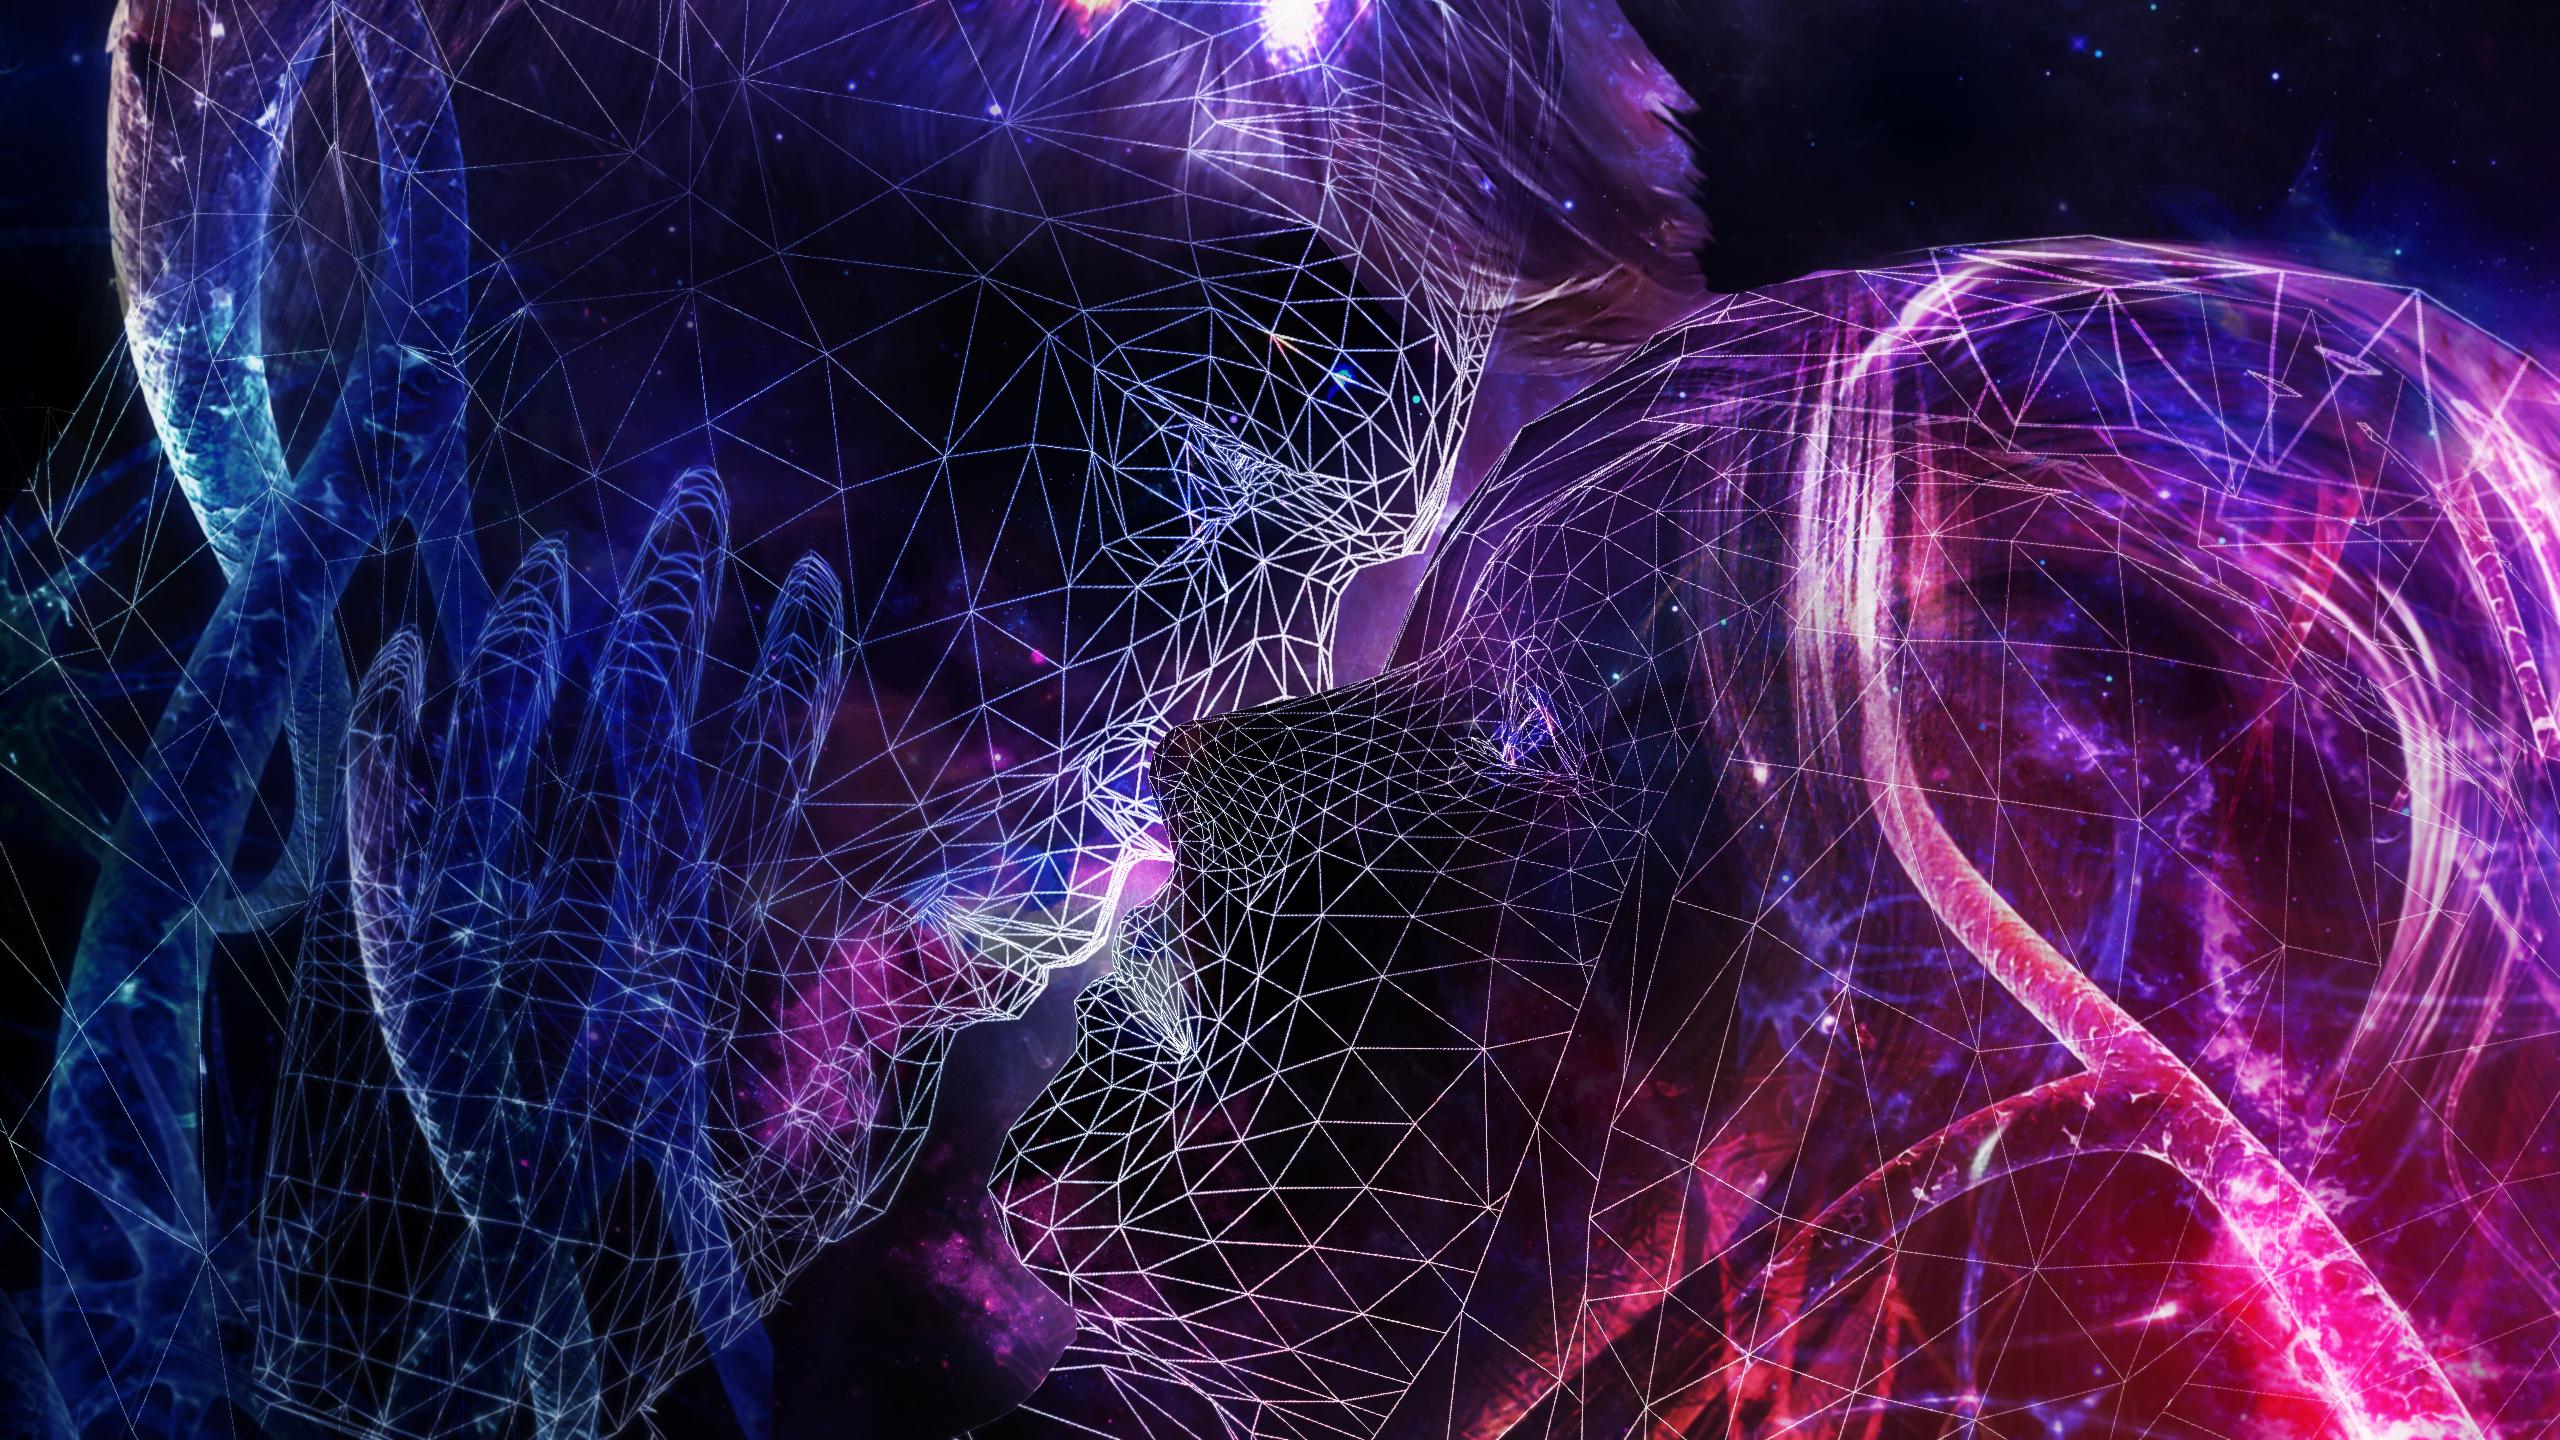 Космическая любовь пара поцелуй обои скачать